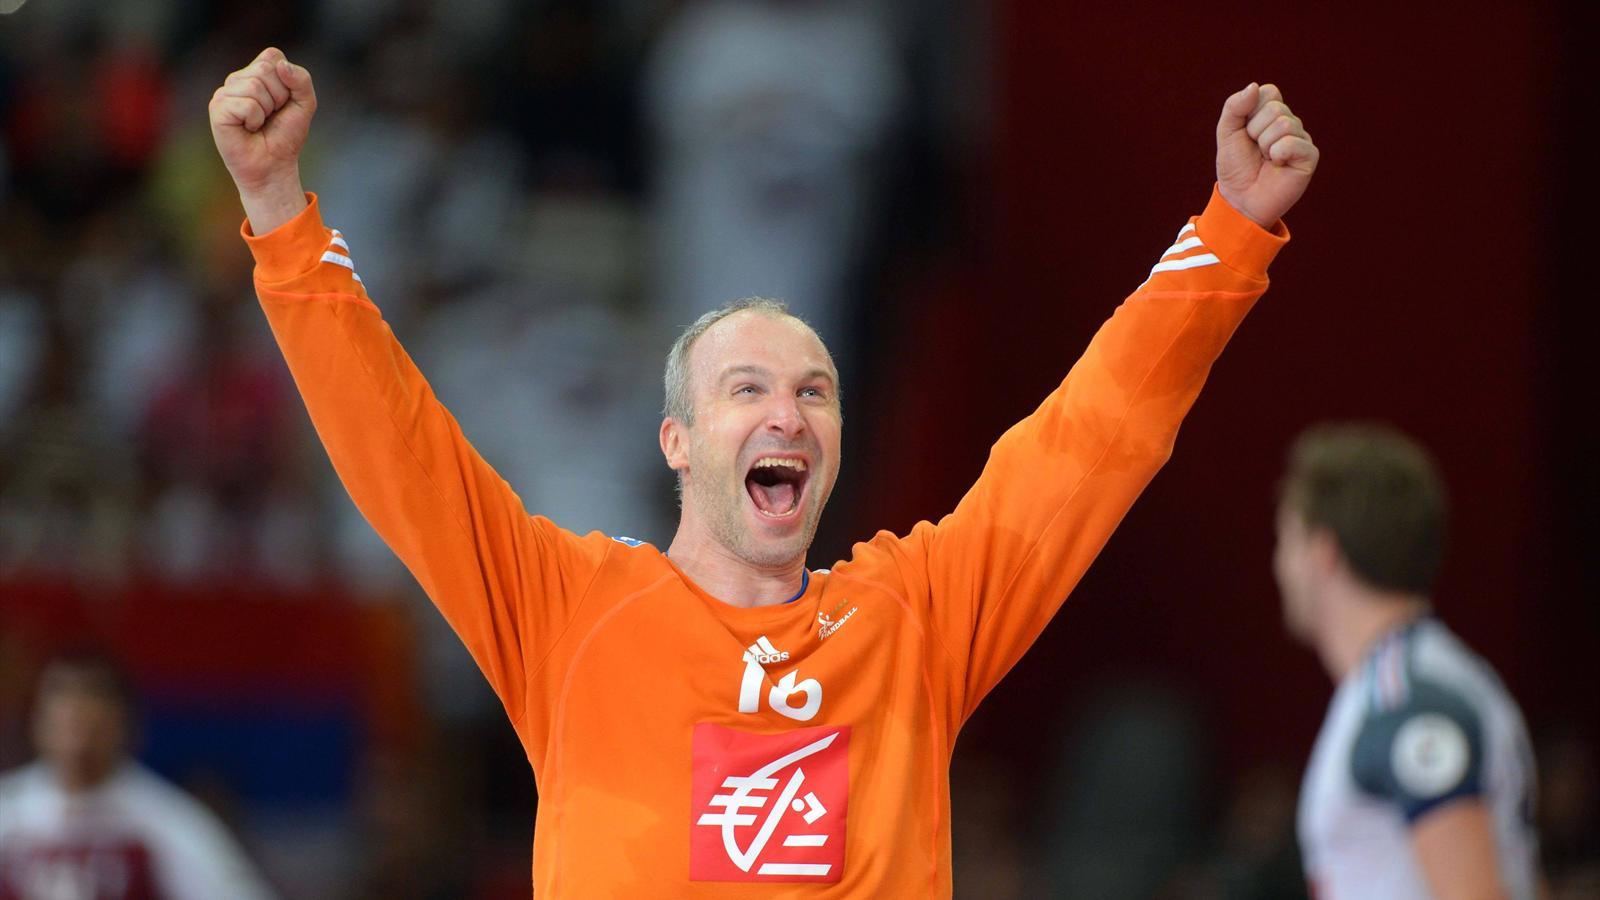 Mondial 2015 thierry omeyer la victoire dans la peau - Diffusion coupe du monde de handball 2015 ...